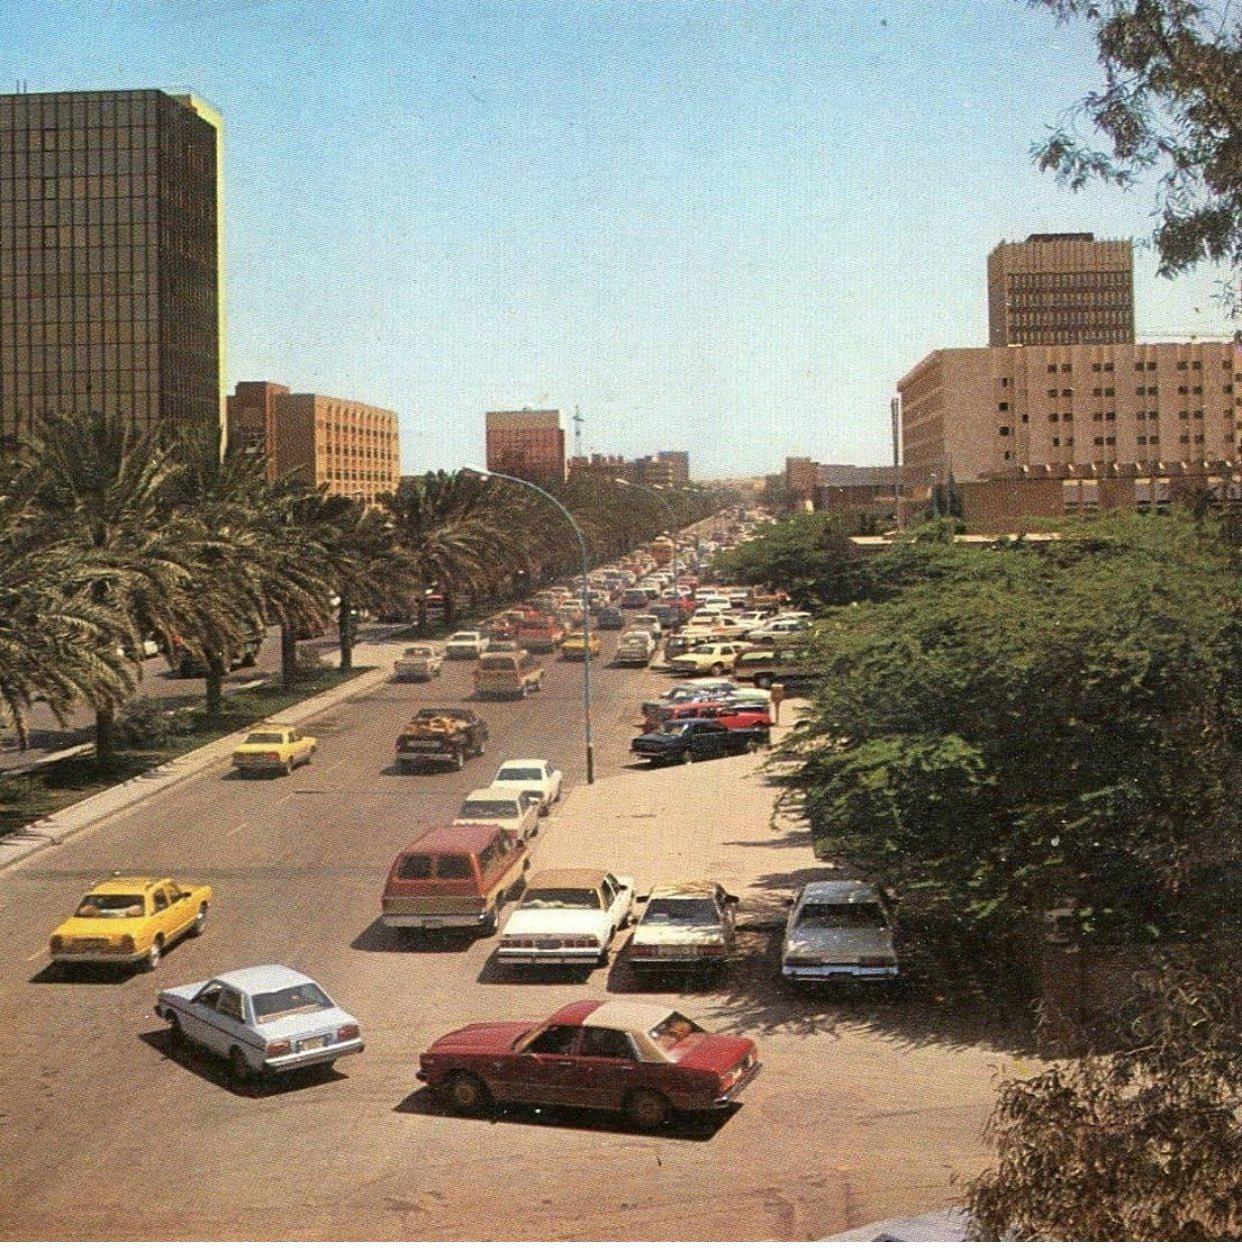 صورة نادرة للرياض شارع الجامعة